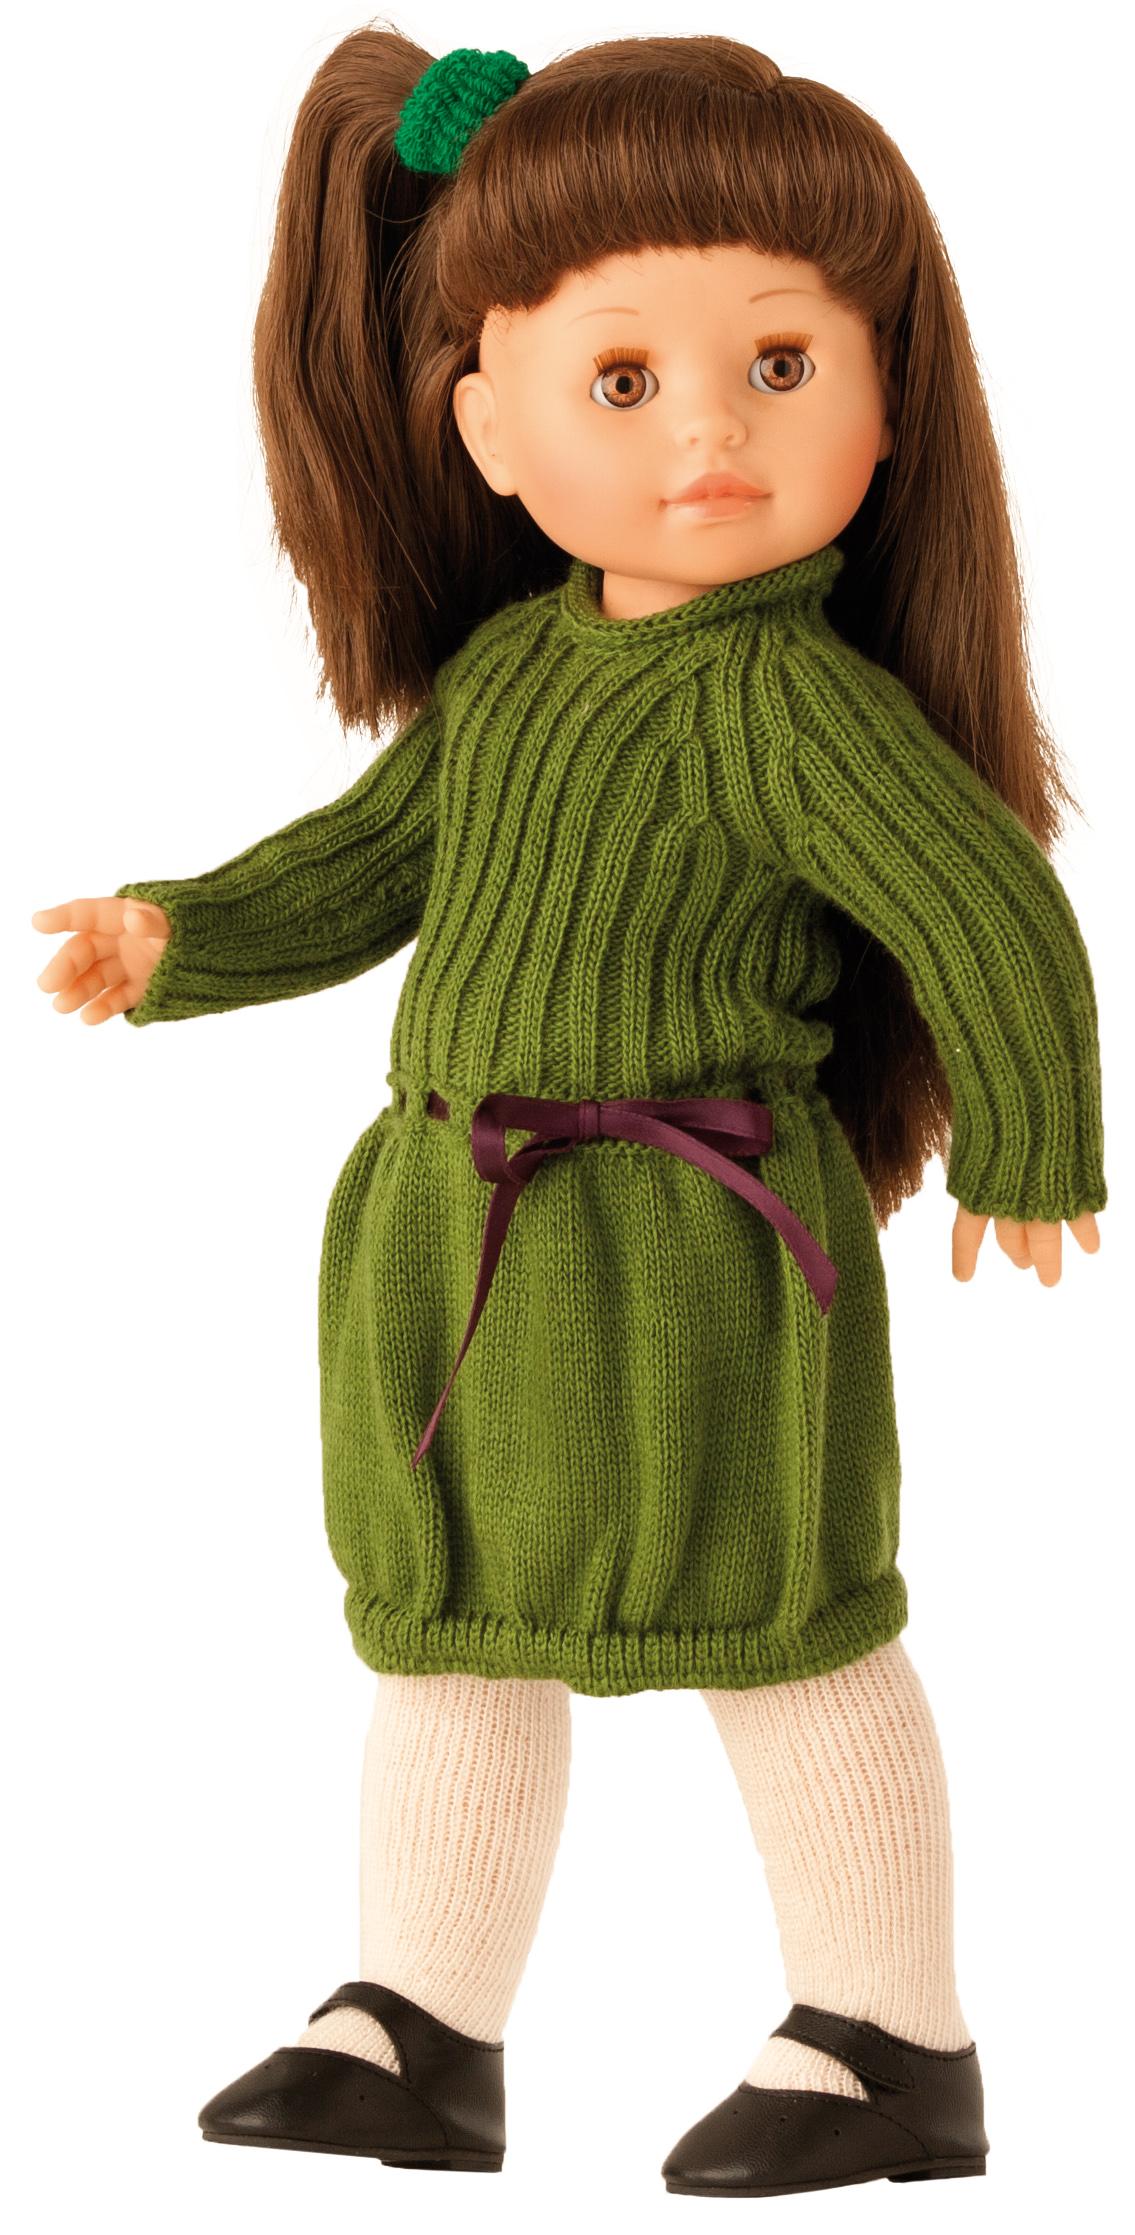 Realistická panenka Emily v pletených šatech